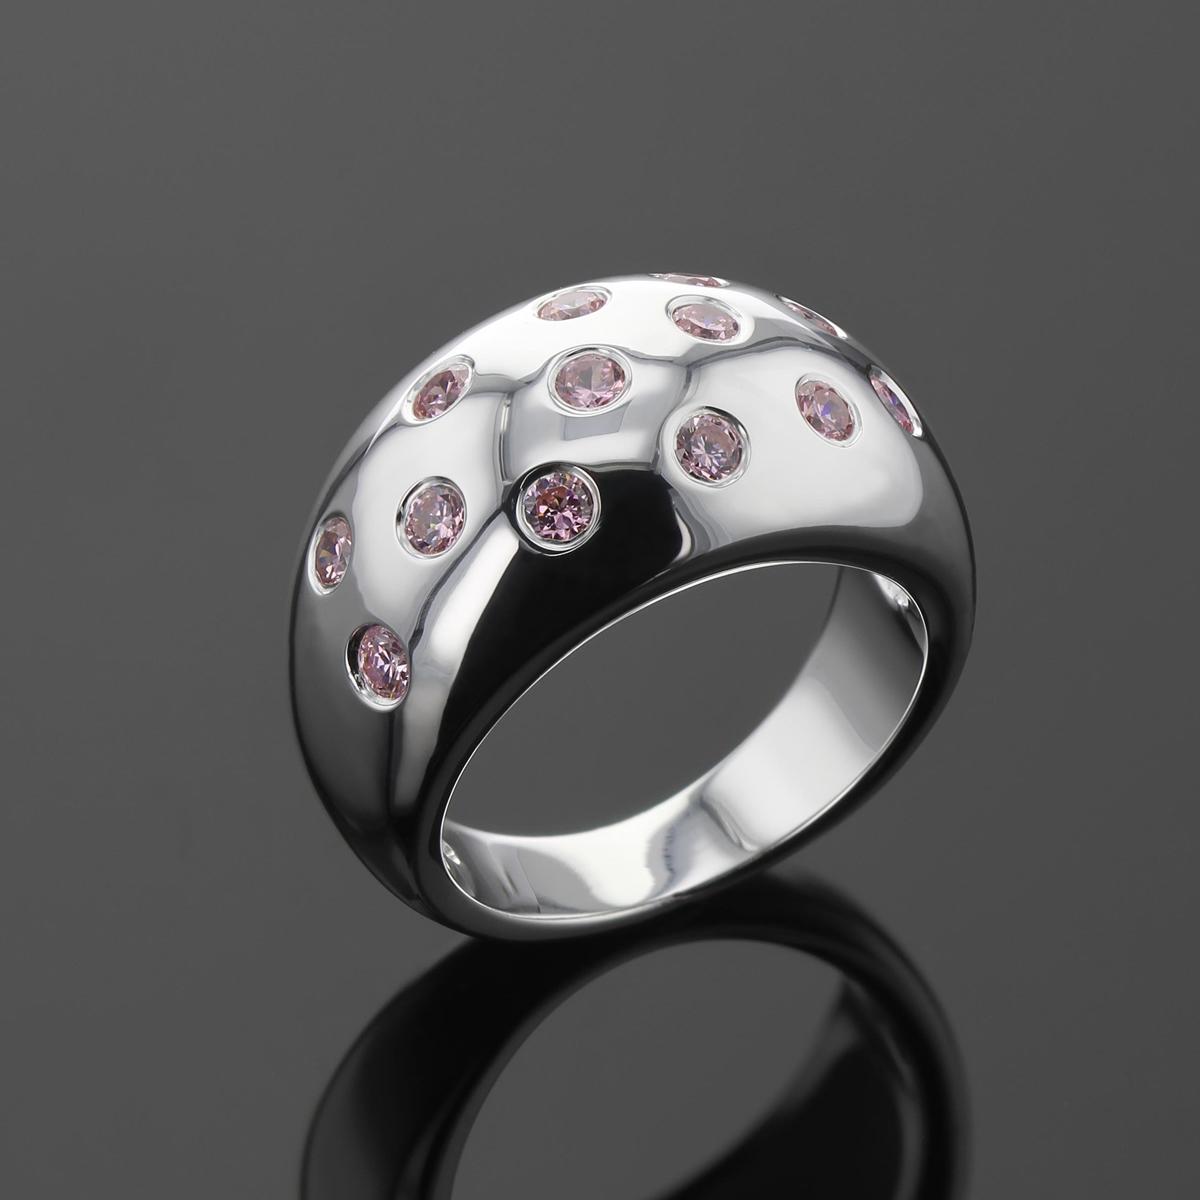 Unique silver designs with stones